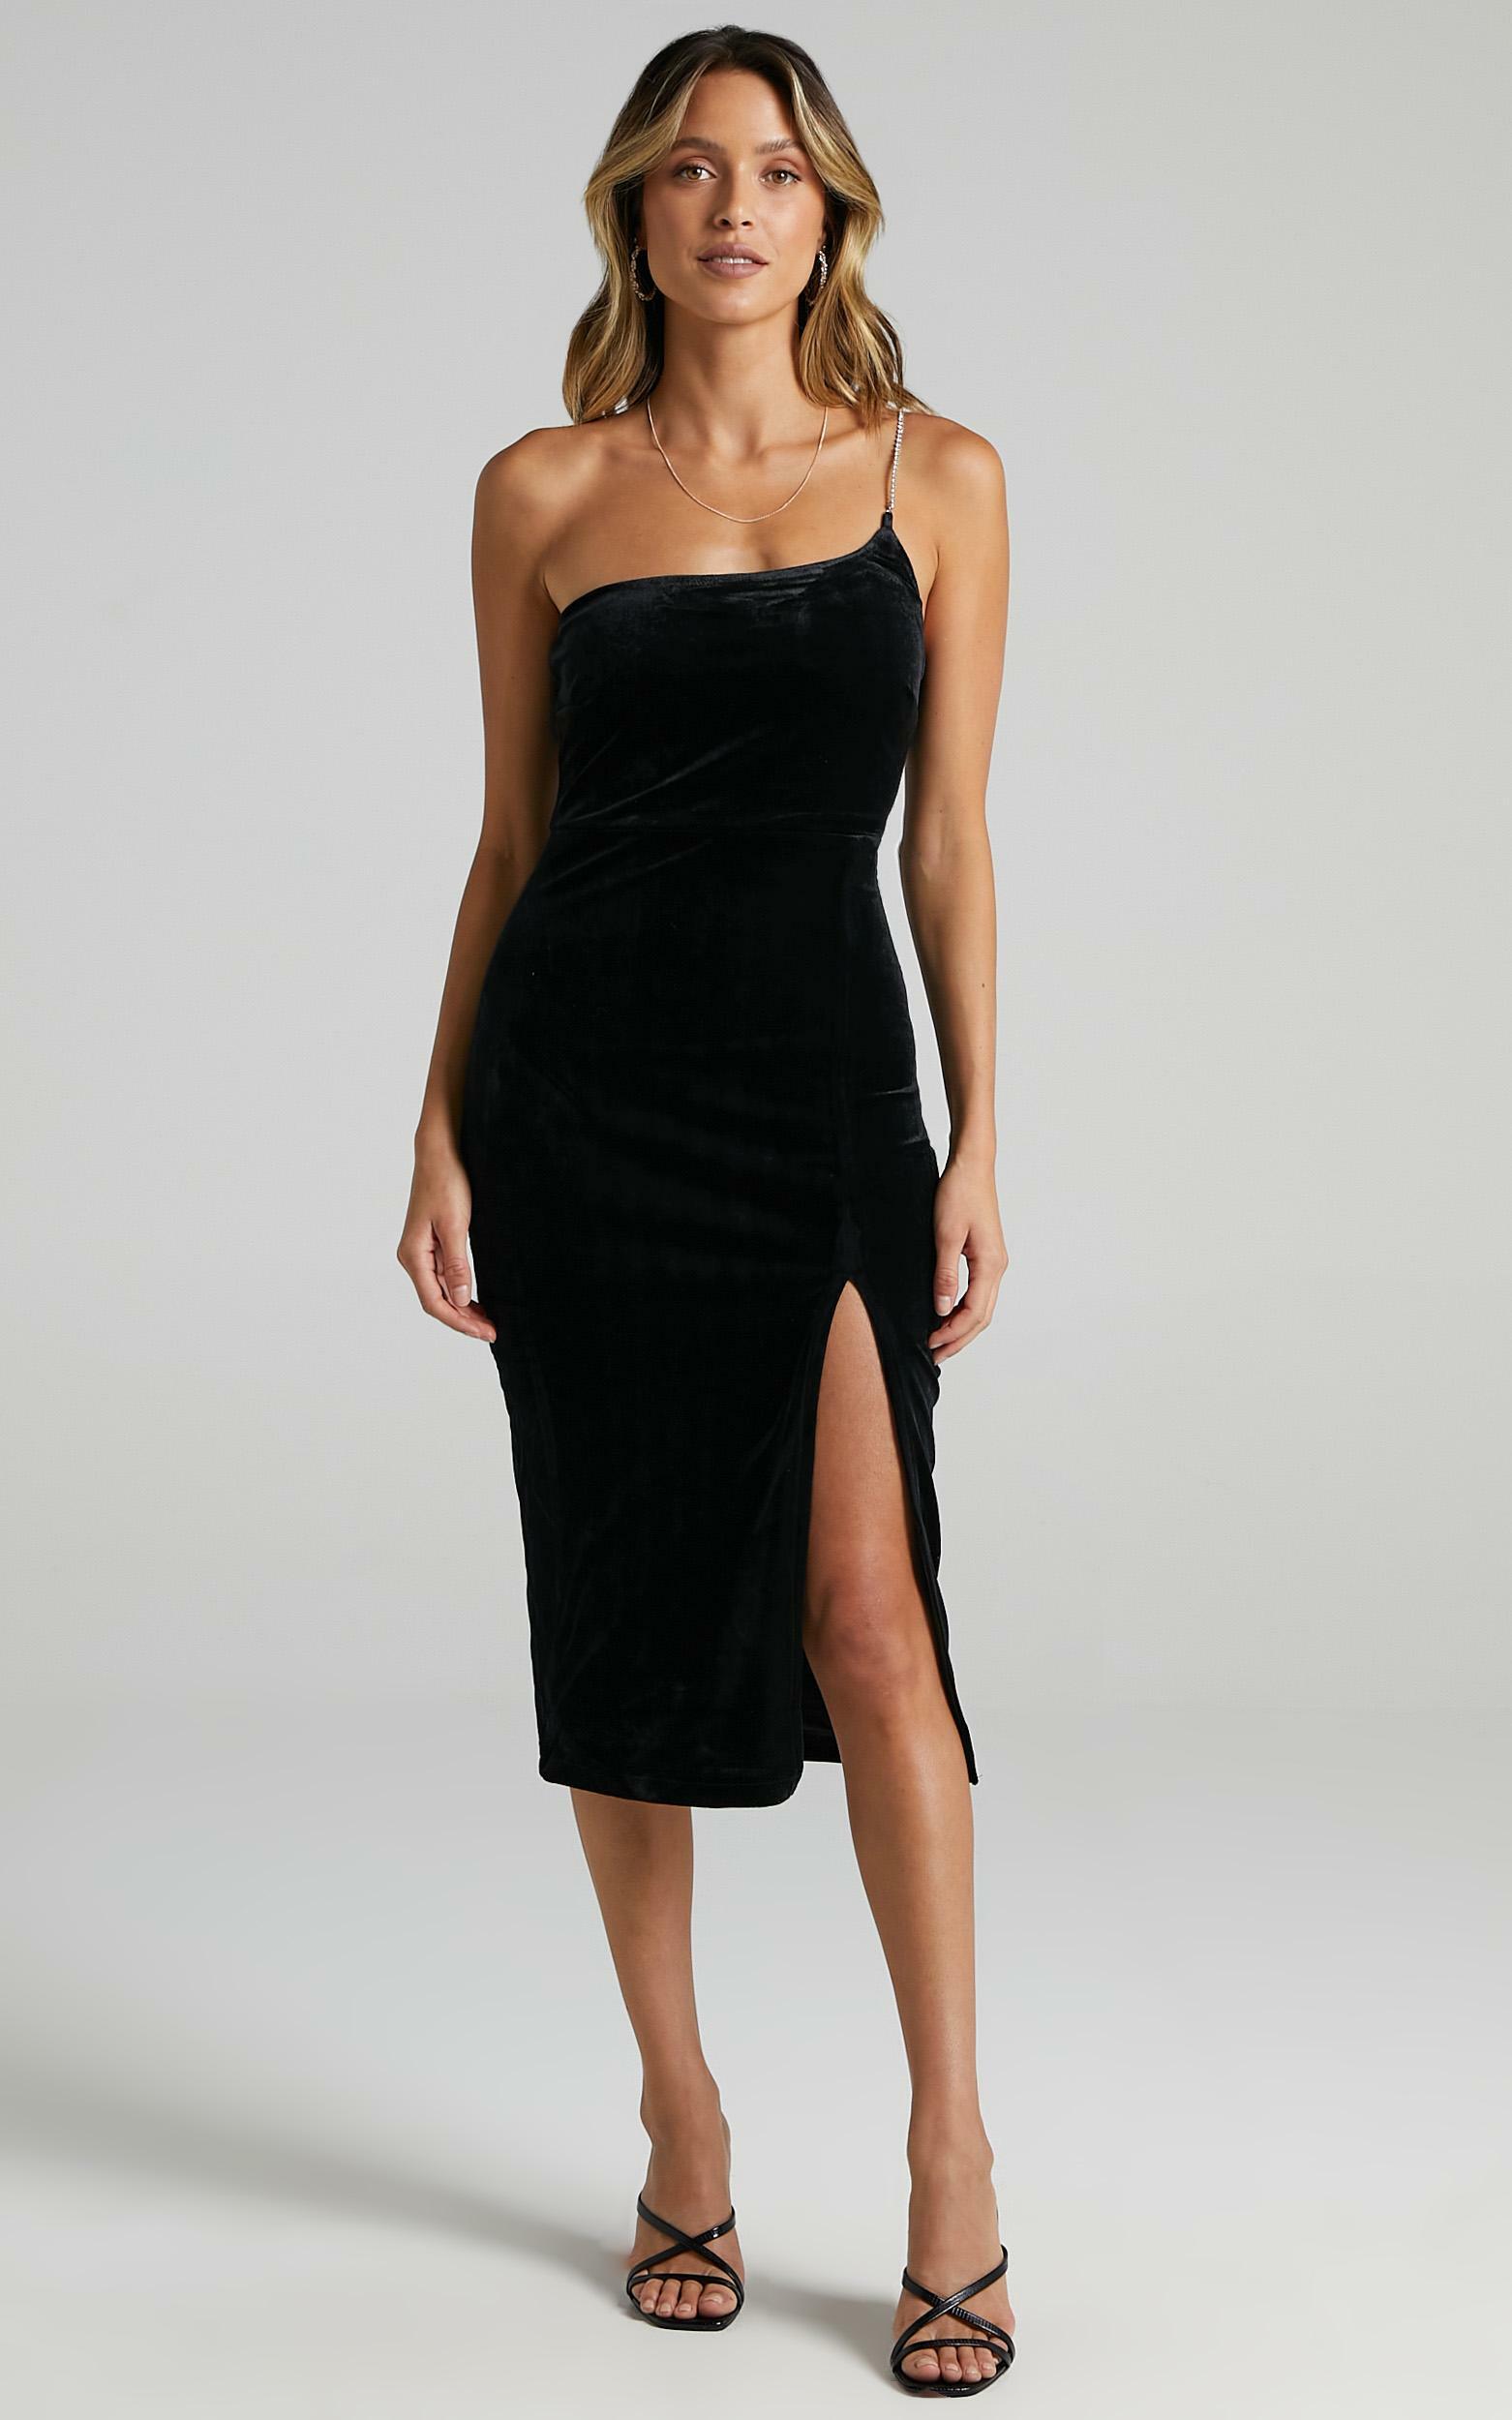 Deni Diamante Strap Midi Dress in black velvet - 4 (XXS), Black, hi-res image number null